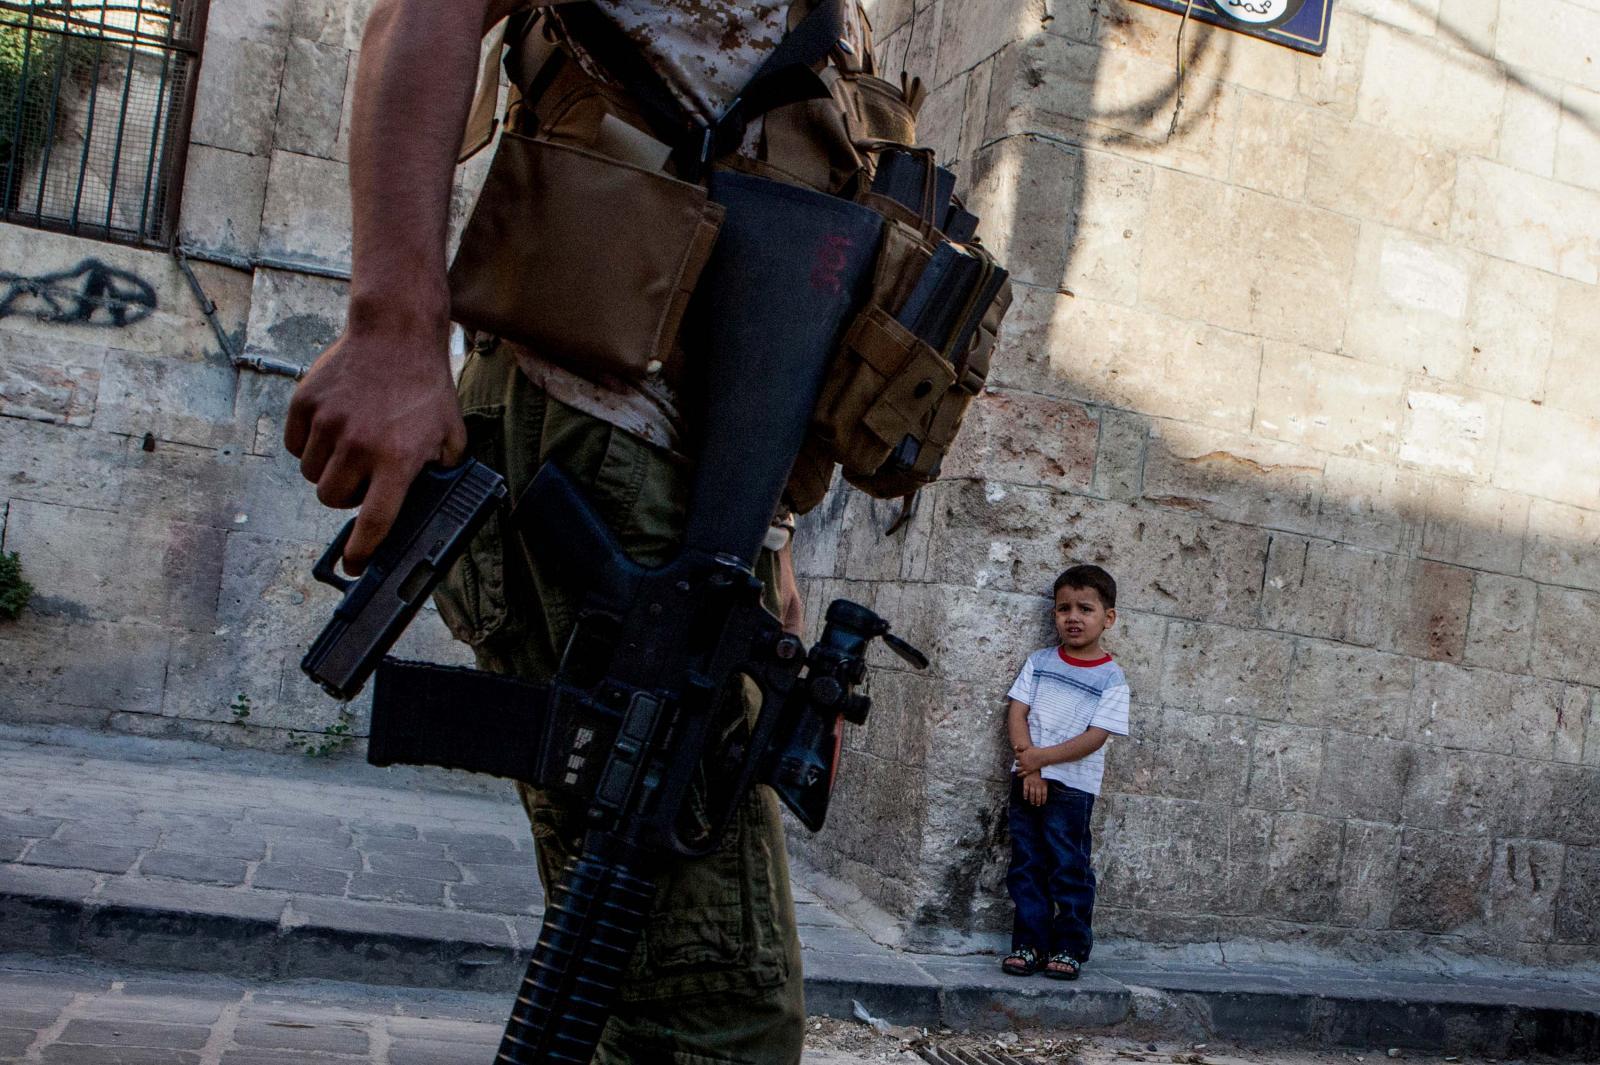 ONLAR SAVASIN COCUKLARI. Ortadogu'da bitmek bilmeyen savaslarin en buyuk magdurlari cocuklar oldu. Ic savasin yillardir devam ettigi Suriye'de, DEAS isgal ettigi Musul'da, Israā±l ablukasi altinda yasayan Gazze'de savastan en cok cocuklar etkilendi. On binlercesi daha bebek denecek yasta hayatini kaybetti, bircogu savas bolgelerinde yaralandi, yetim kaldi, bazilari buyuk umutlarla çiktigi Avrupa yolculugunda Ege'nin soguk sularinda boguldu. Silahlarin golgesinde buyumeye çalisan masum cocuklarin hikayesi. Halep'te siradan bir gun, sehir merkezinde gezen Ozgur Suriye Ordusu askerlerinin arasā±nda kalan minik bir cocuk endiseli gozlerle eli silahlā± askerlere bakā±yor. 18 Temmuz 2015 HALEP UGUR YILDIRIM/SABAH GAZETESI